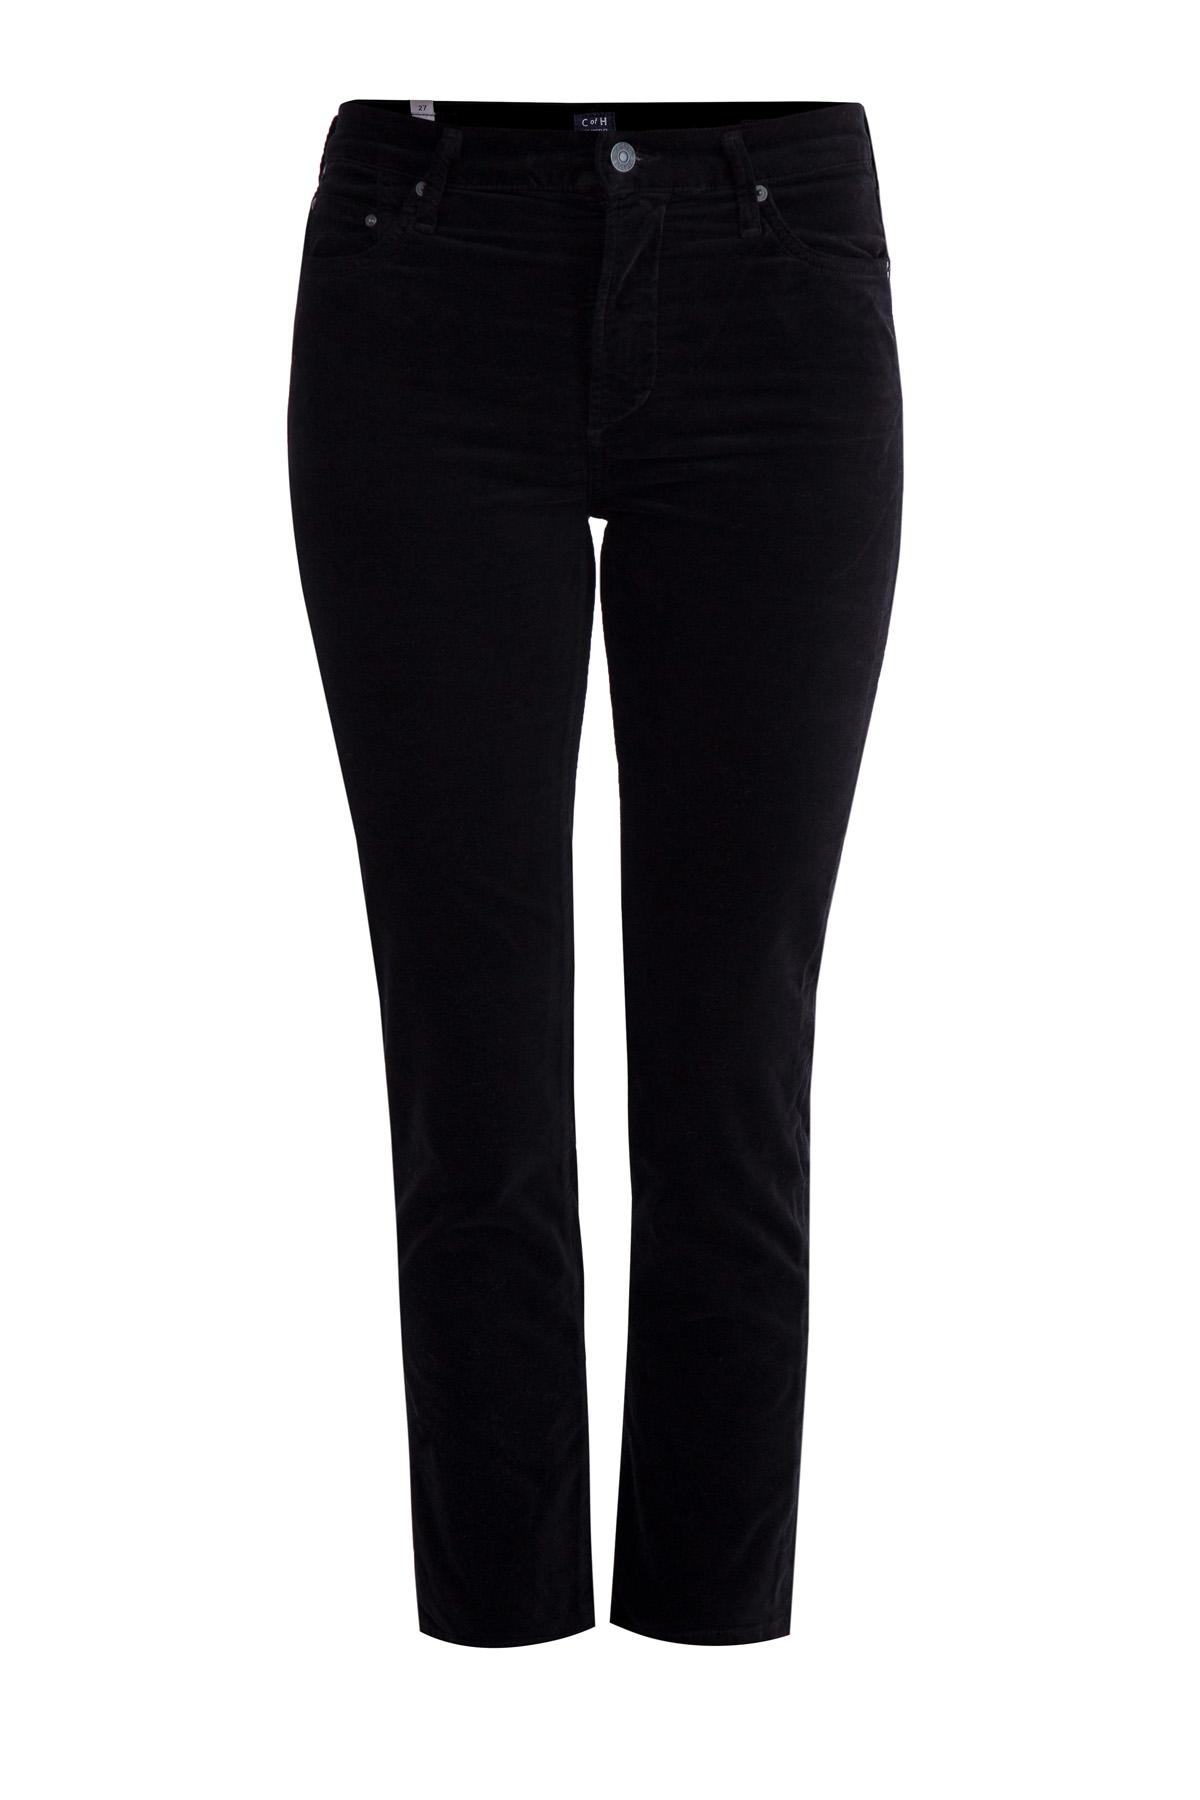 Зауженные джинсы «Cara» из плотного фирменного денима черного цвета фото